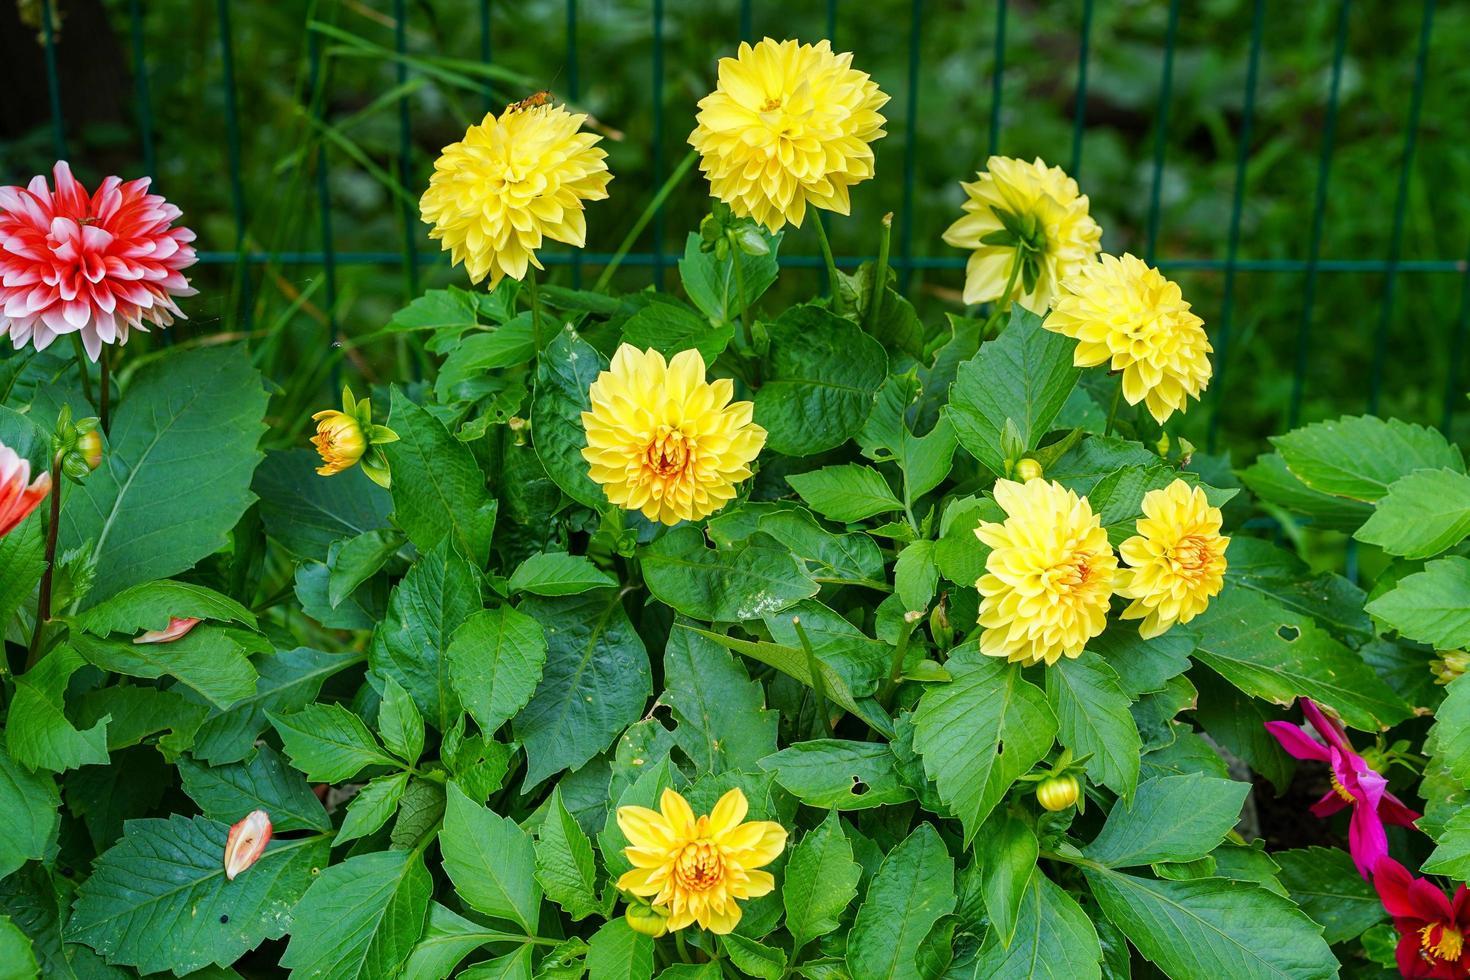 Dalias flores amarillas en un parterre en el jardín foto